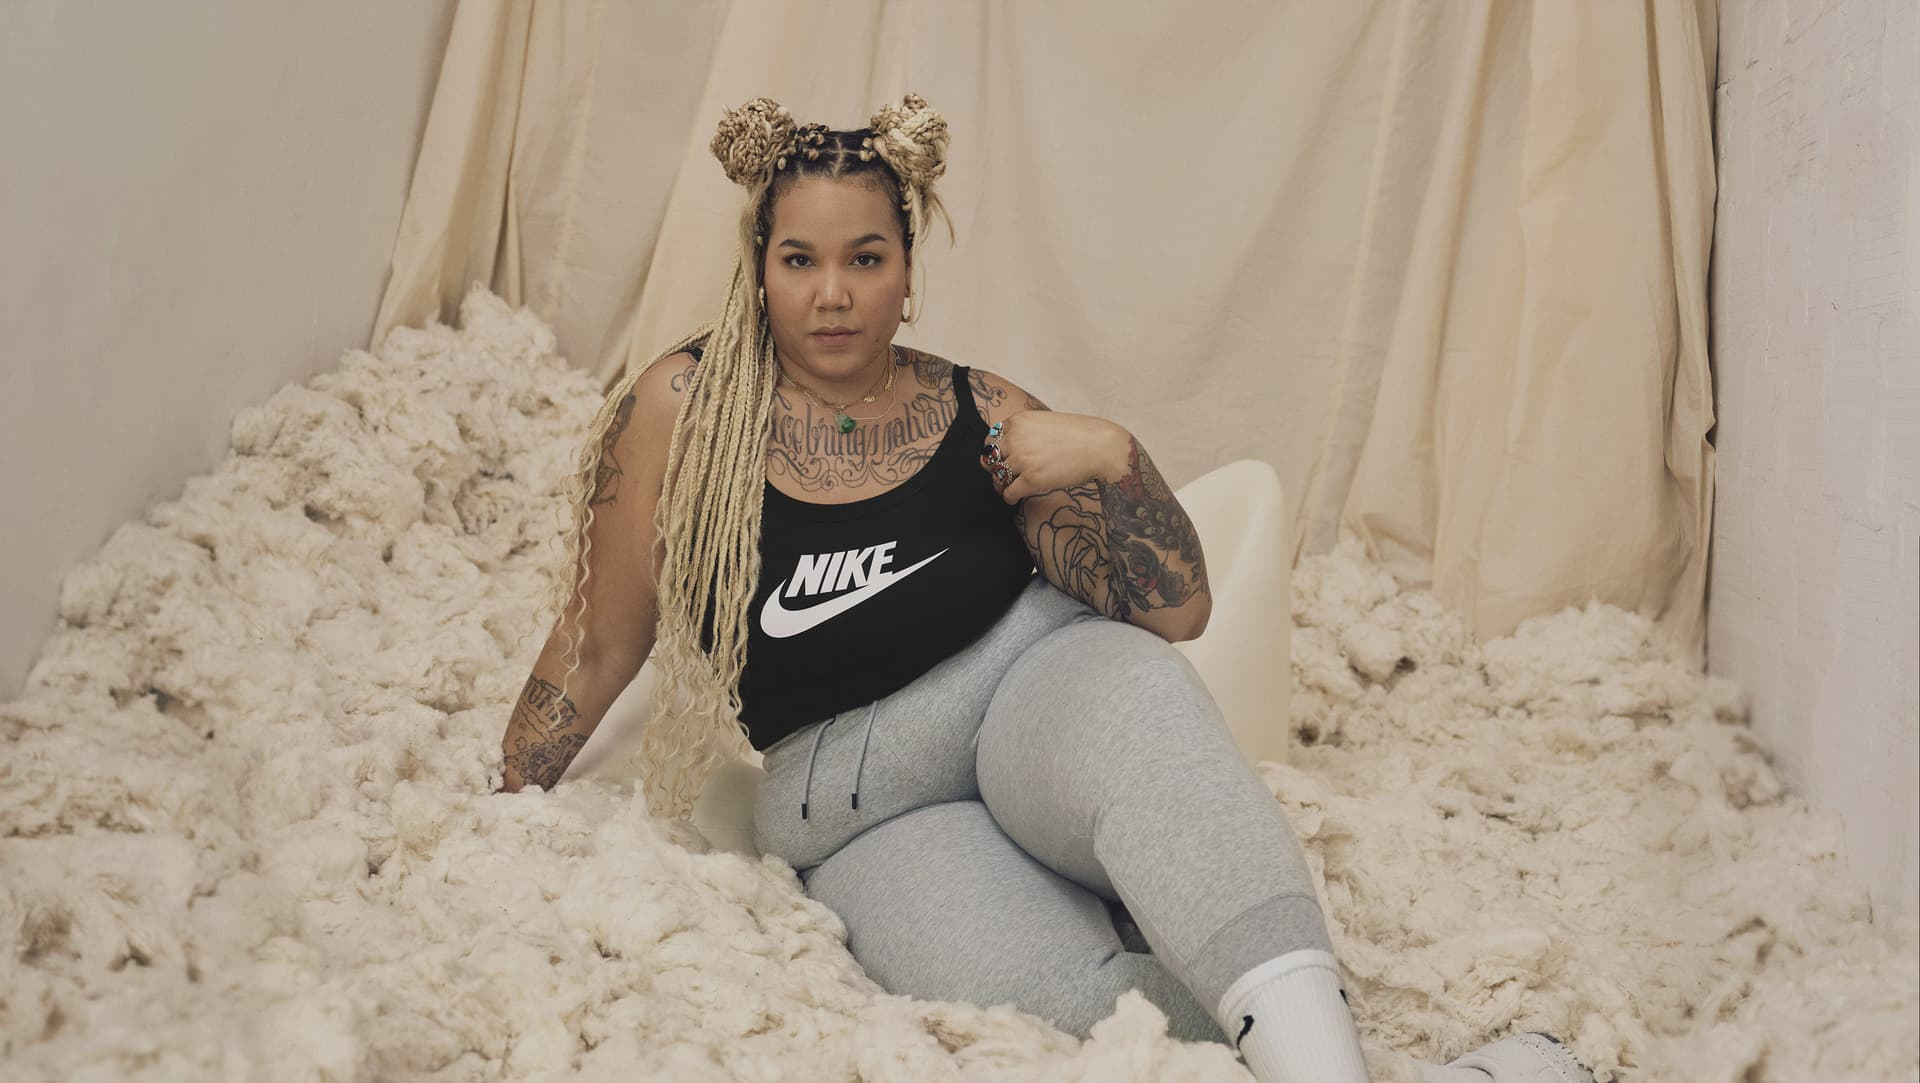 Ποια είναι τα στοιχεία της εταιρείας Nike;   Βοήθεια Nike